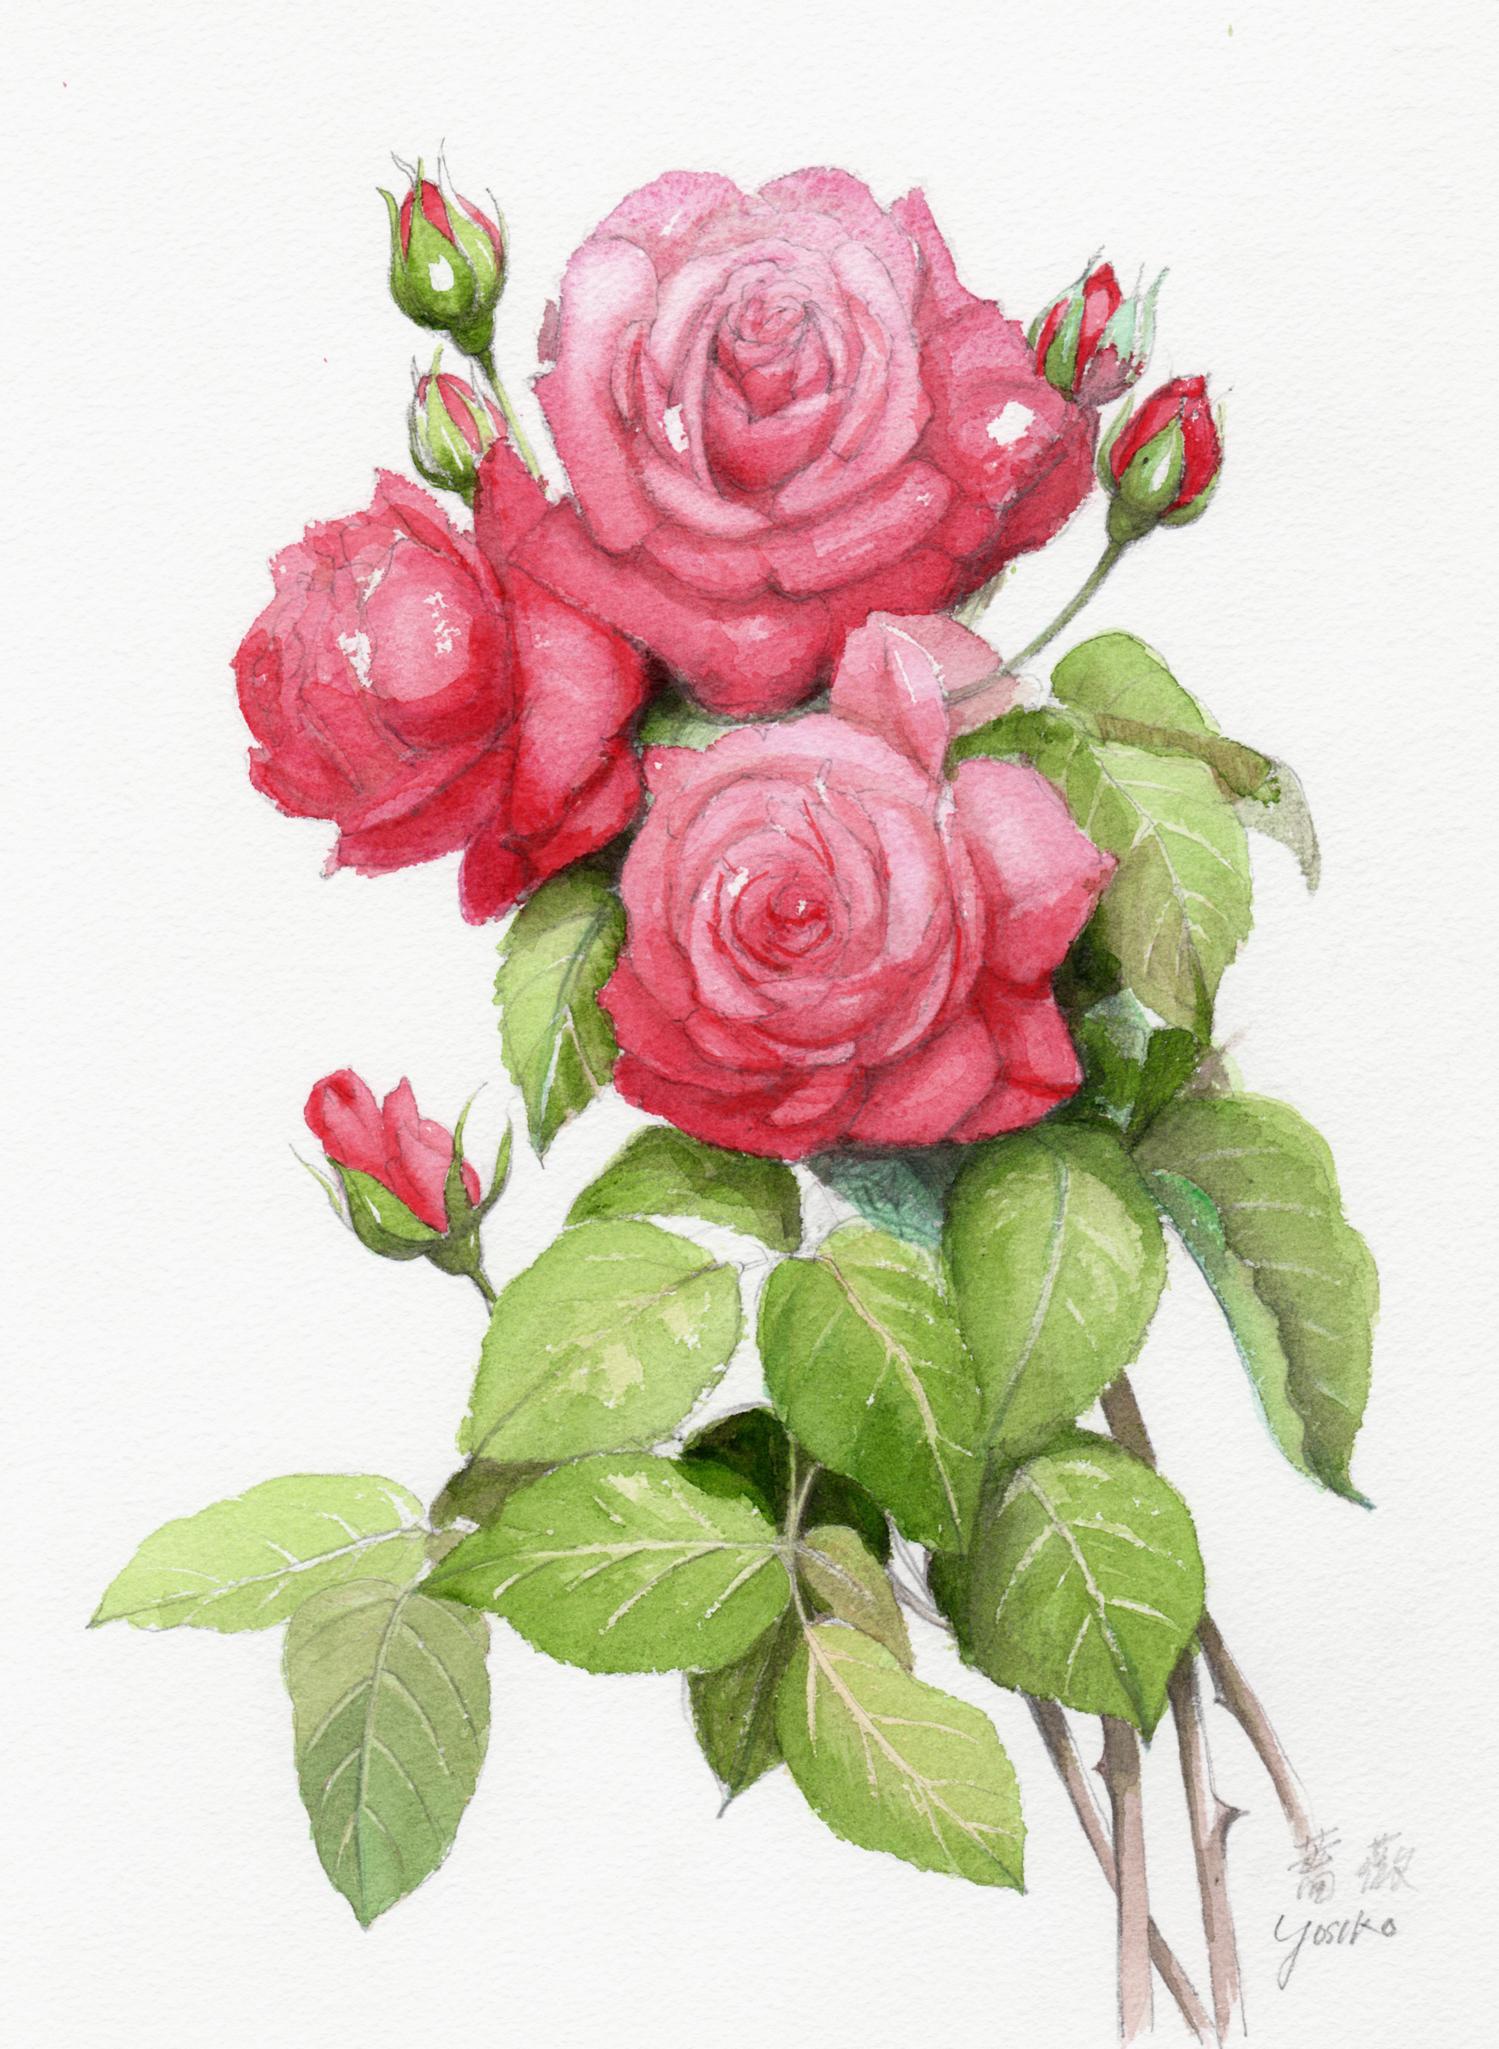 志村好子「薔薇」水彩(画寸250×330mm)